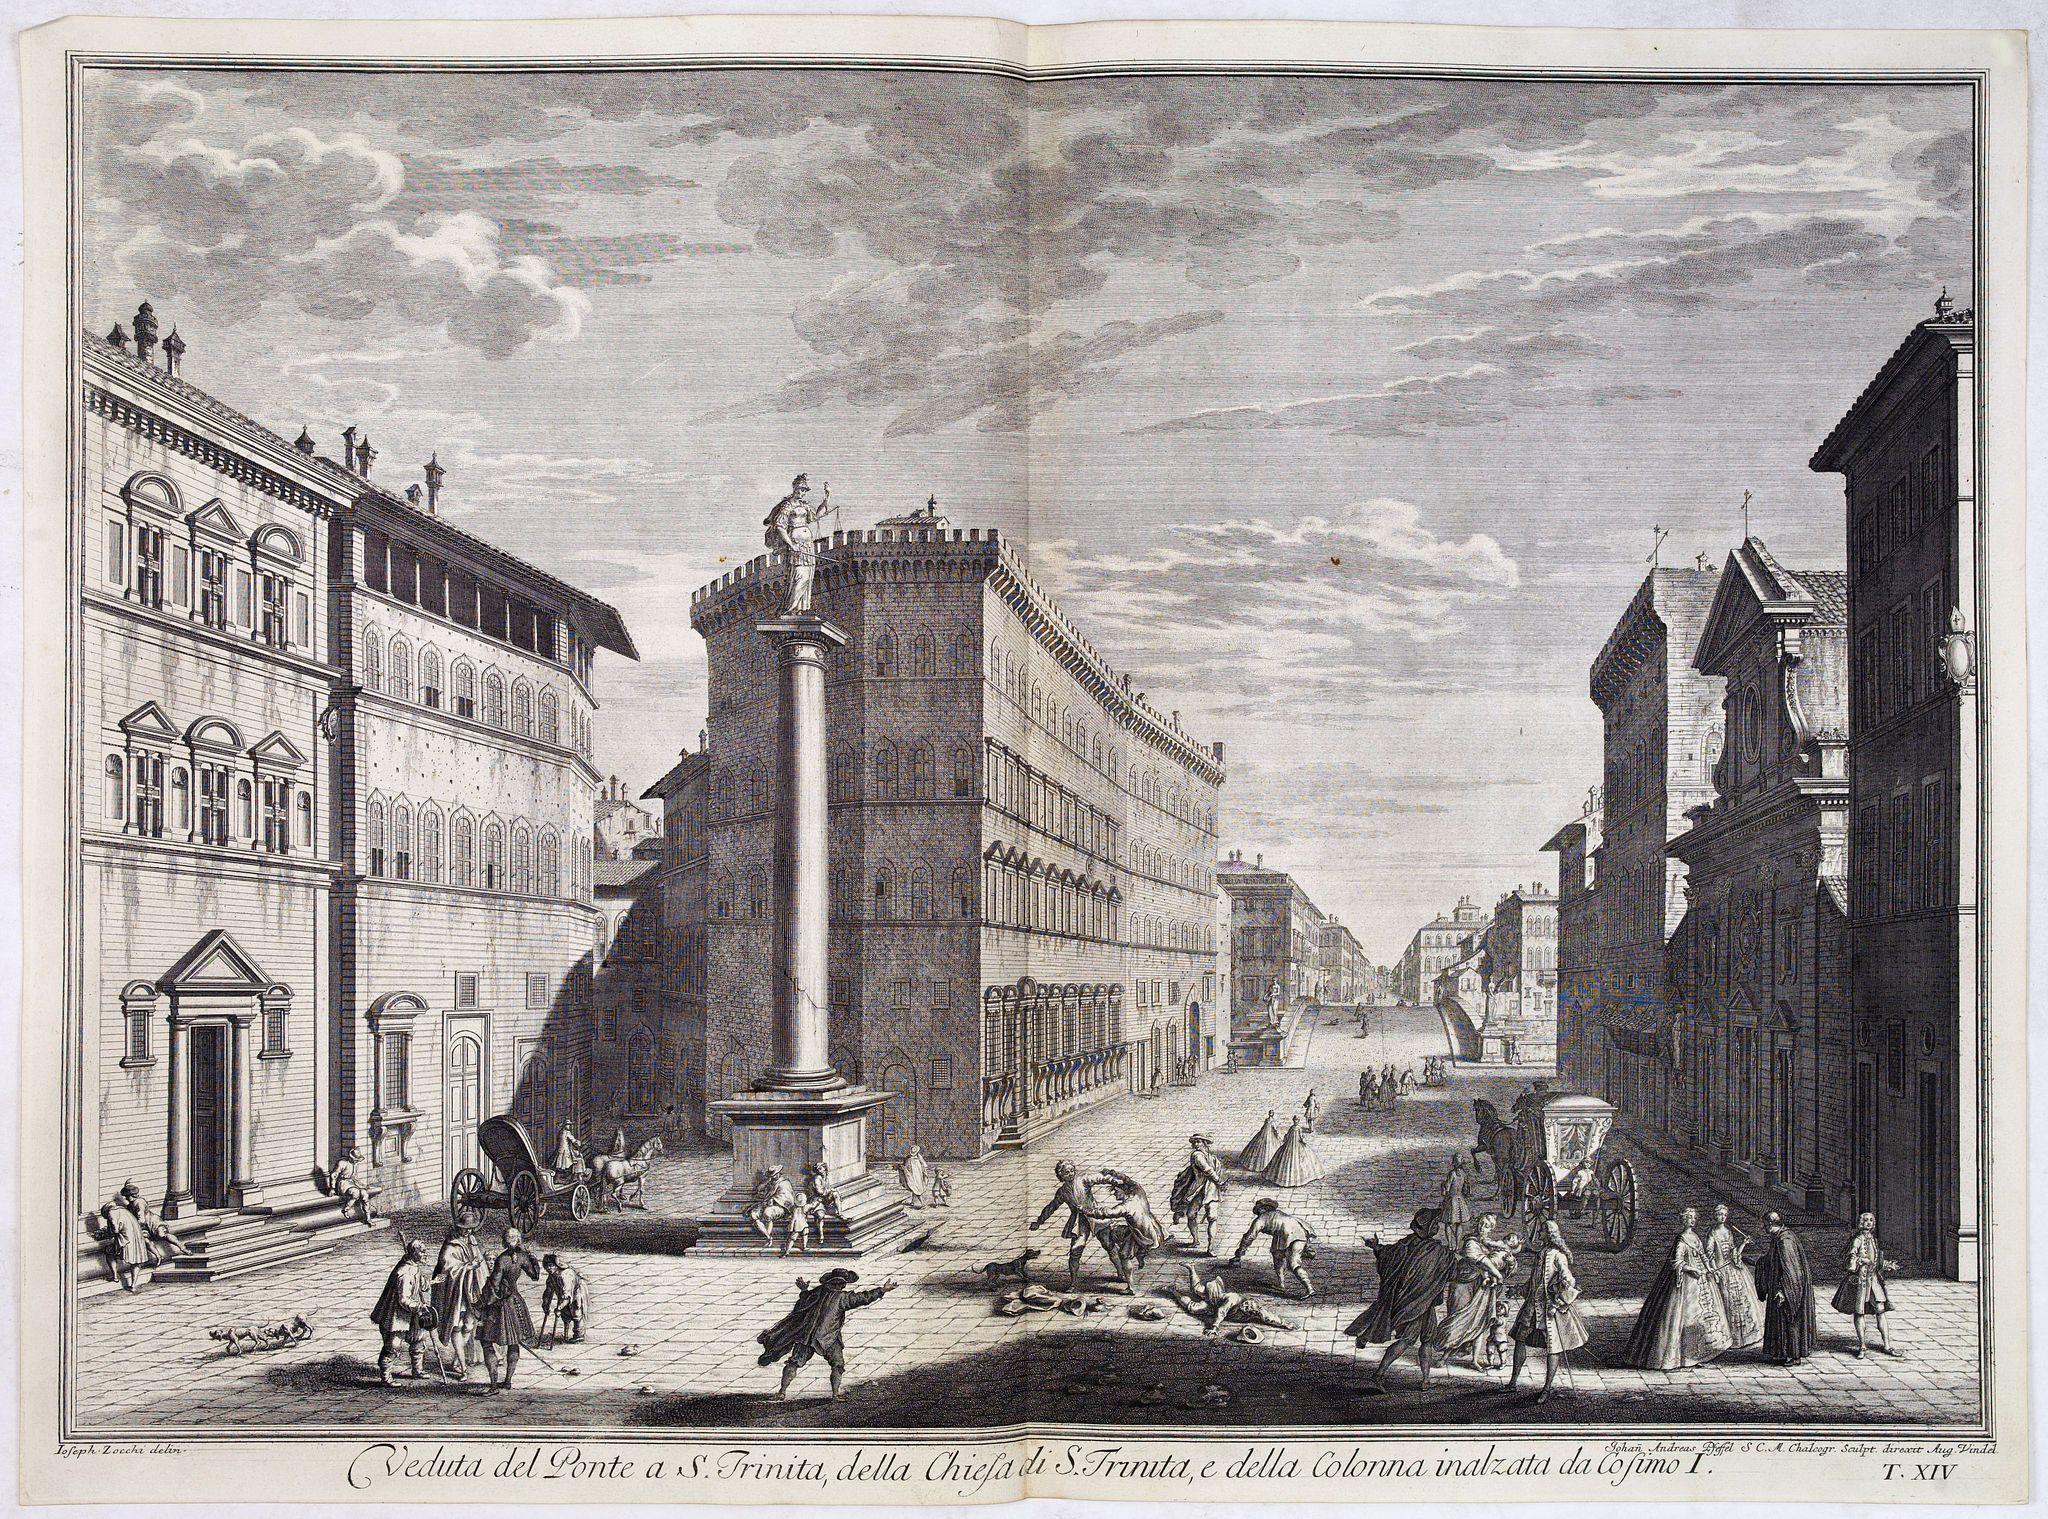 ZOCCHI, G. -  Veduta del Ponte a S. Trinita, della Chiesa di S. Trinita e della colonna inalzata da Cosimo I.